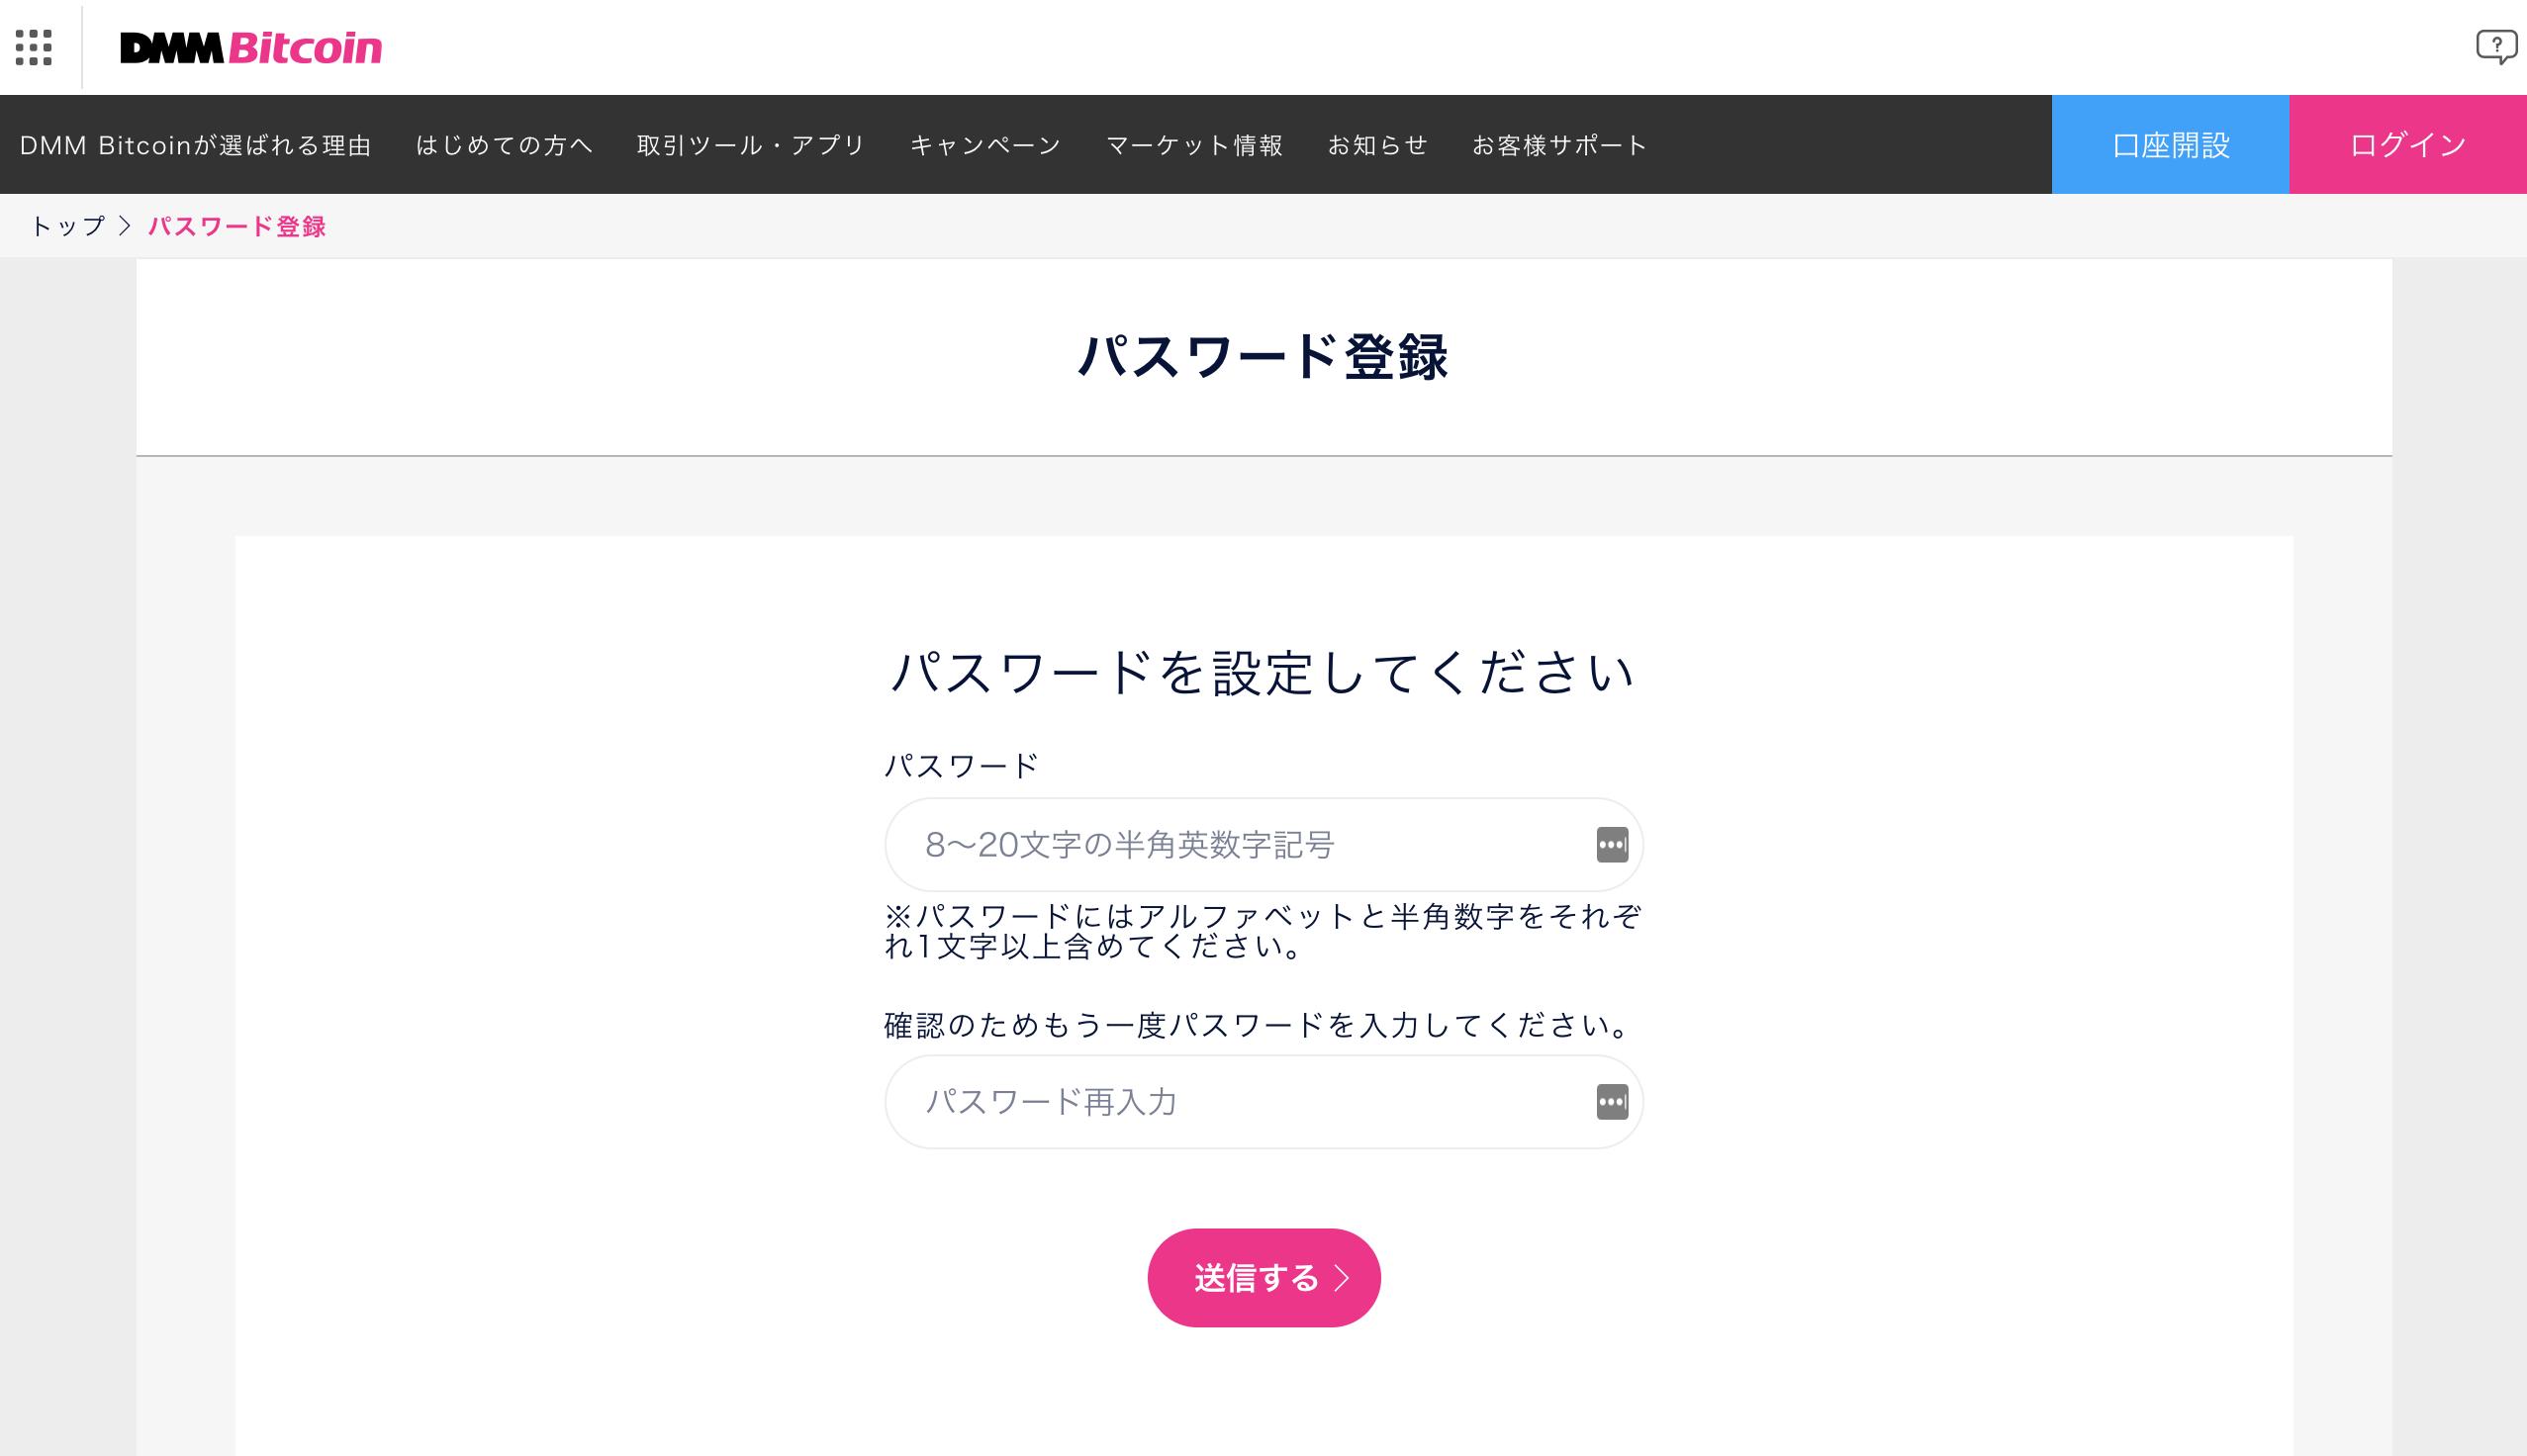 パスワード登録 DMMBitcoin